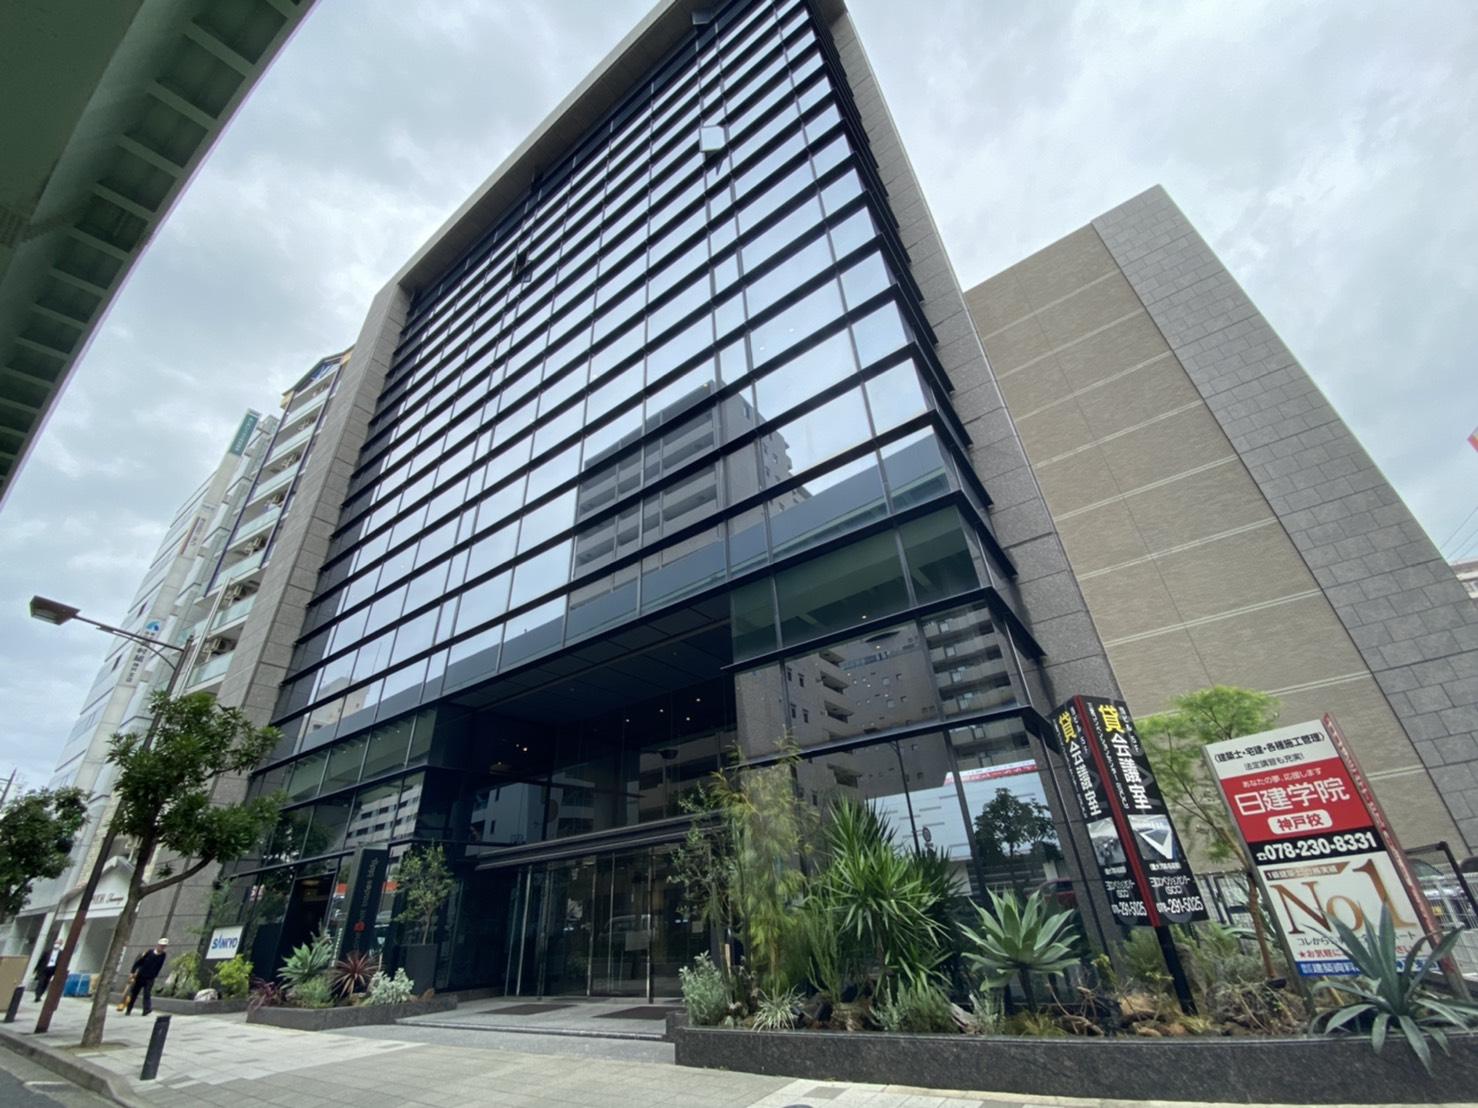 【月極駐車場 神戸市中央区磯辺通】ワンノットトレーズビル駐車場